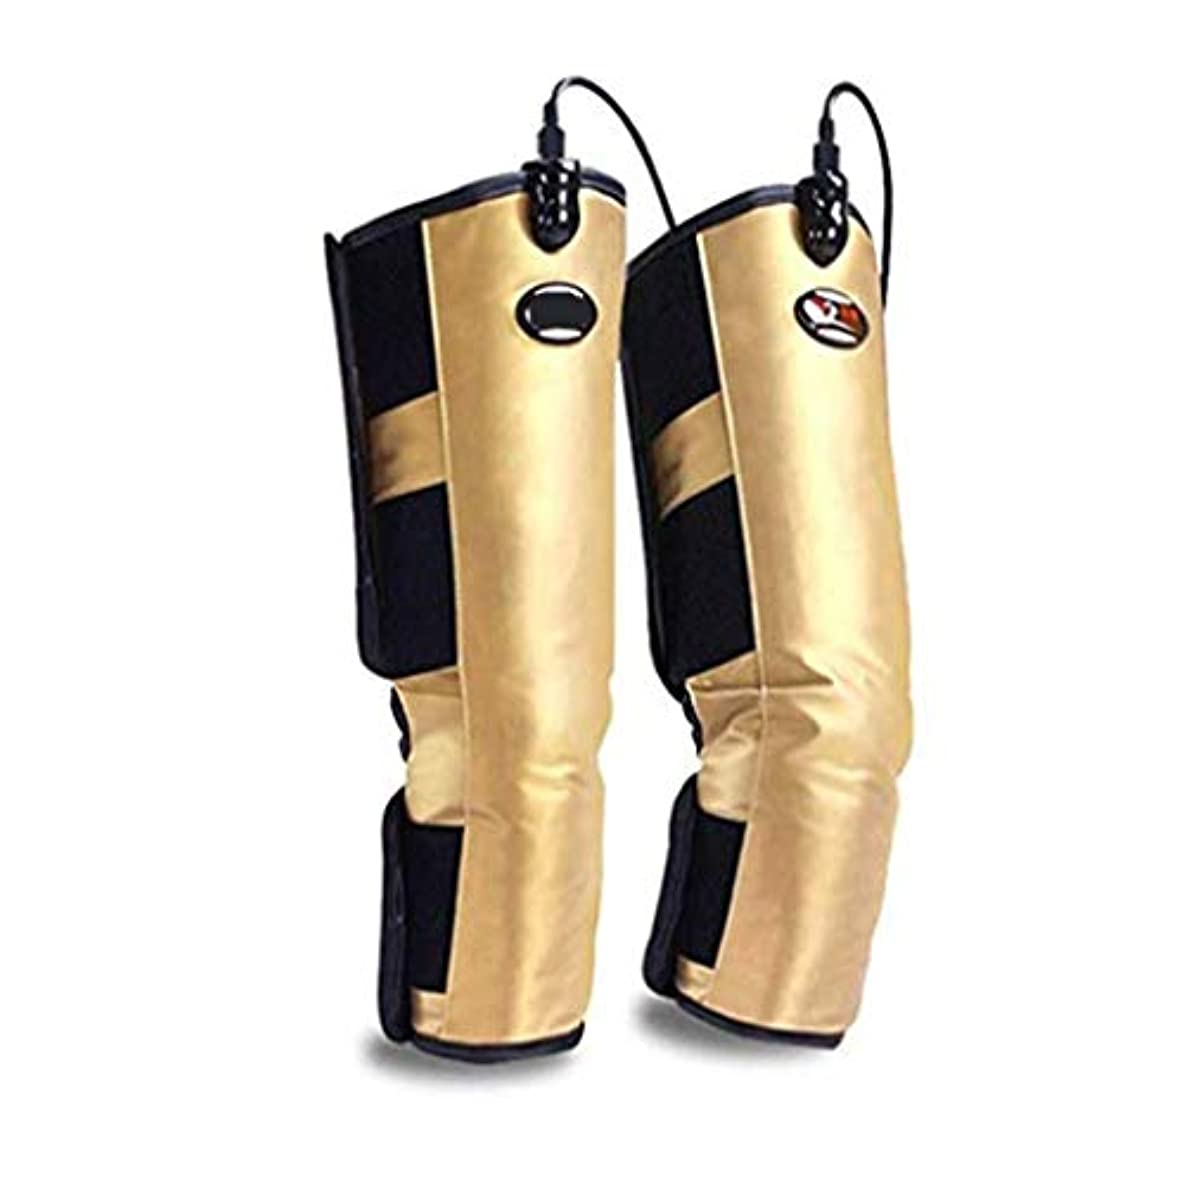 委員長レディ市場膝レギンス用電気加熱パッド、膝ブレースラップサポート、脚循環用、膝捻挫痙攣関節炎の痛み